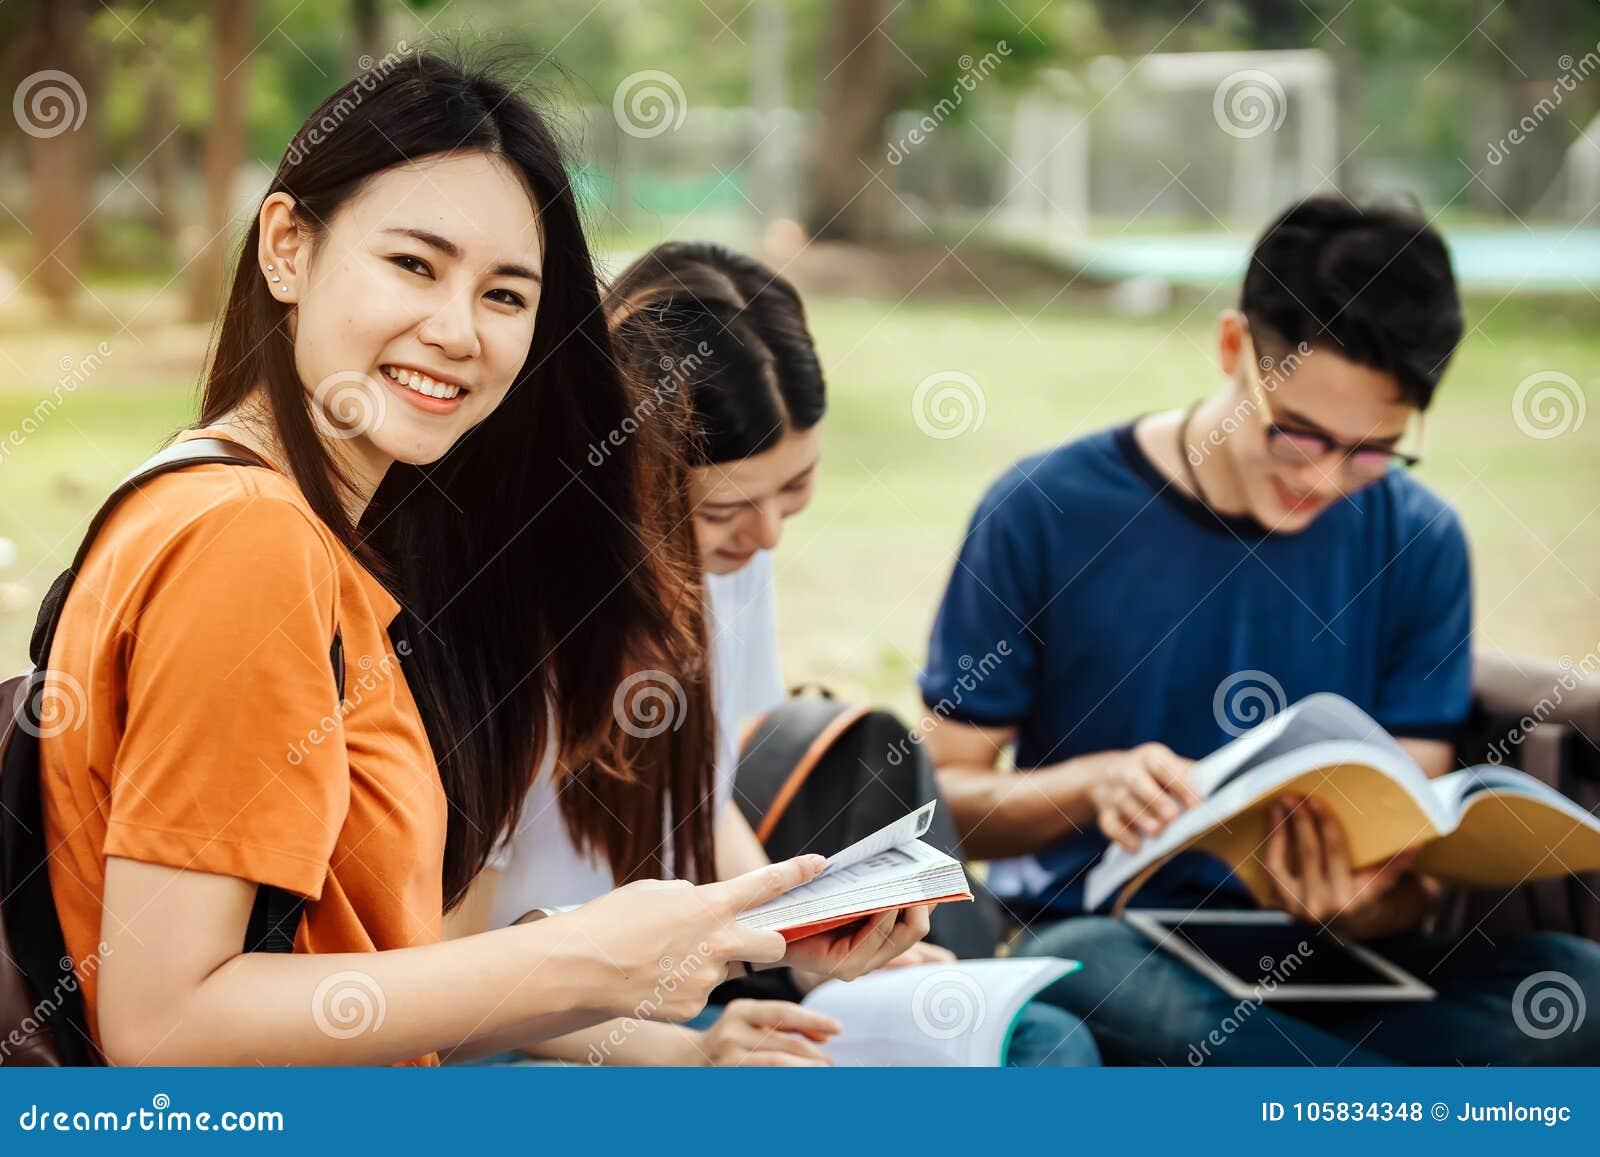 Un groupe de jeune ou de l adolescence étudiant asiatique à l université